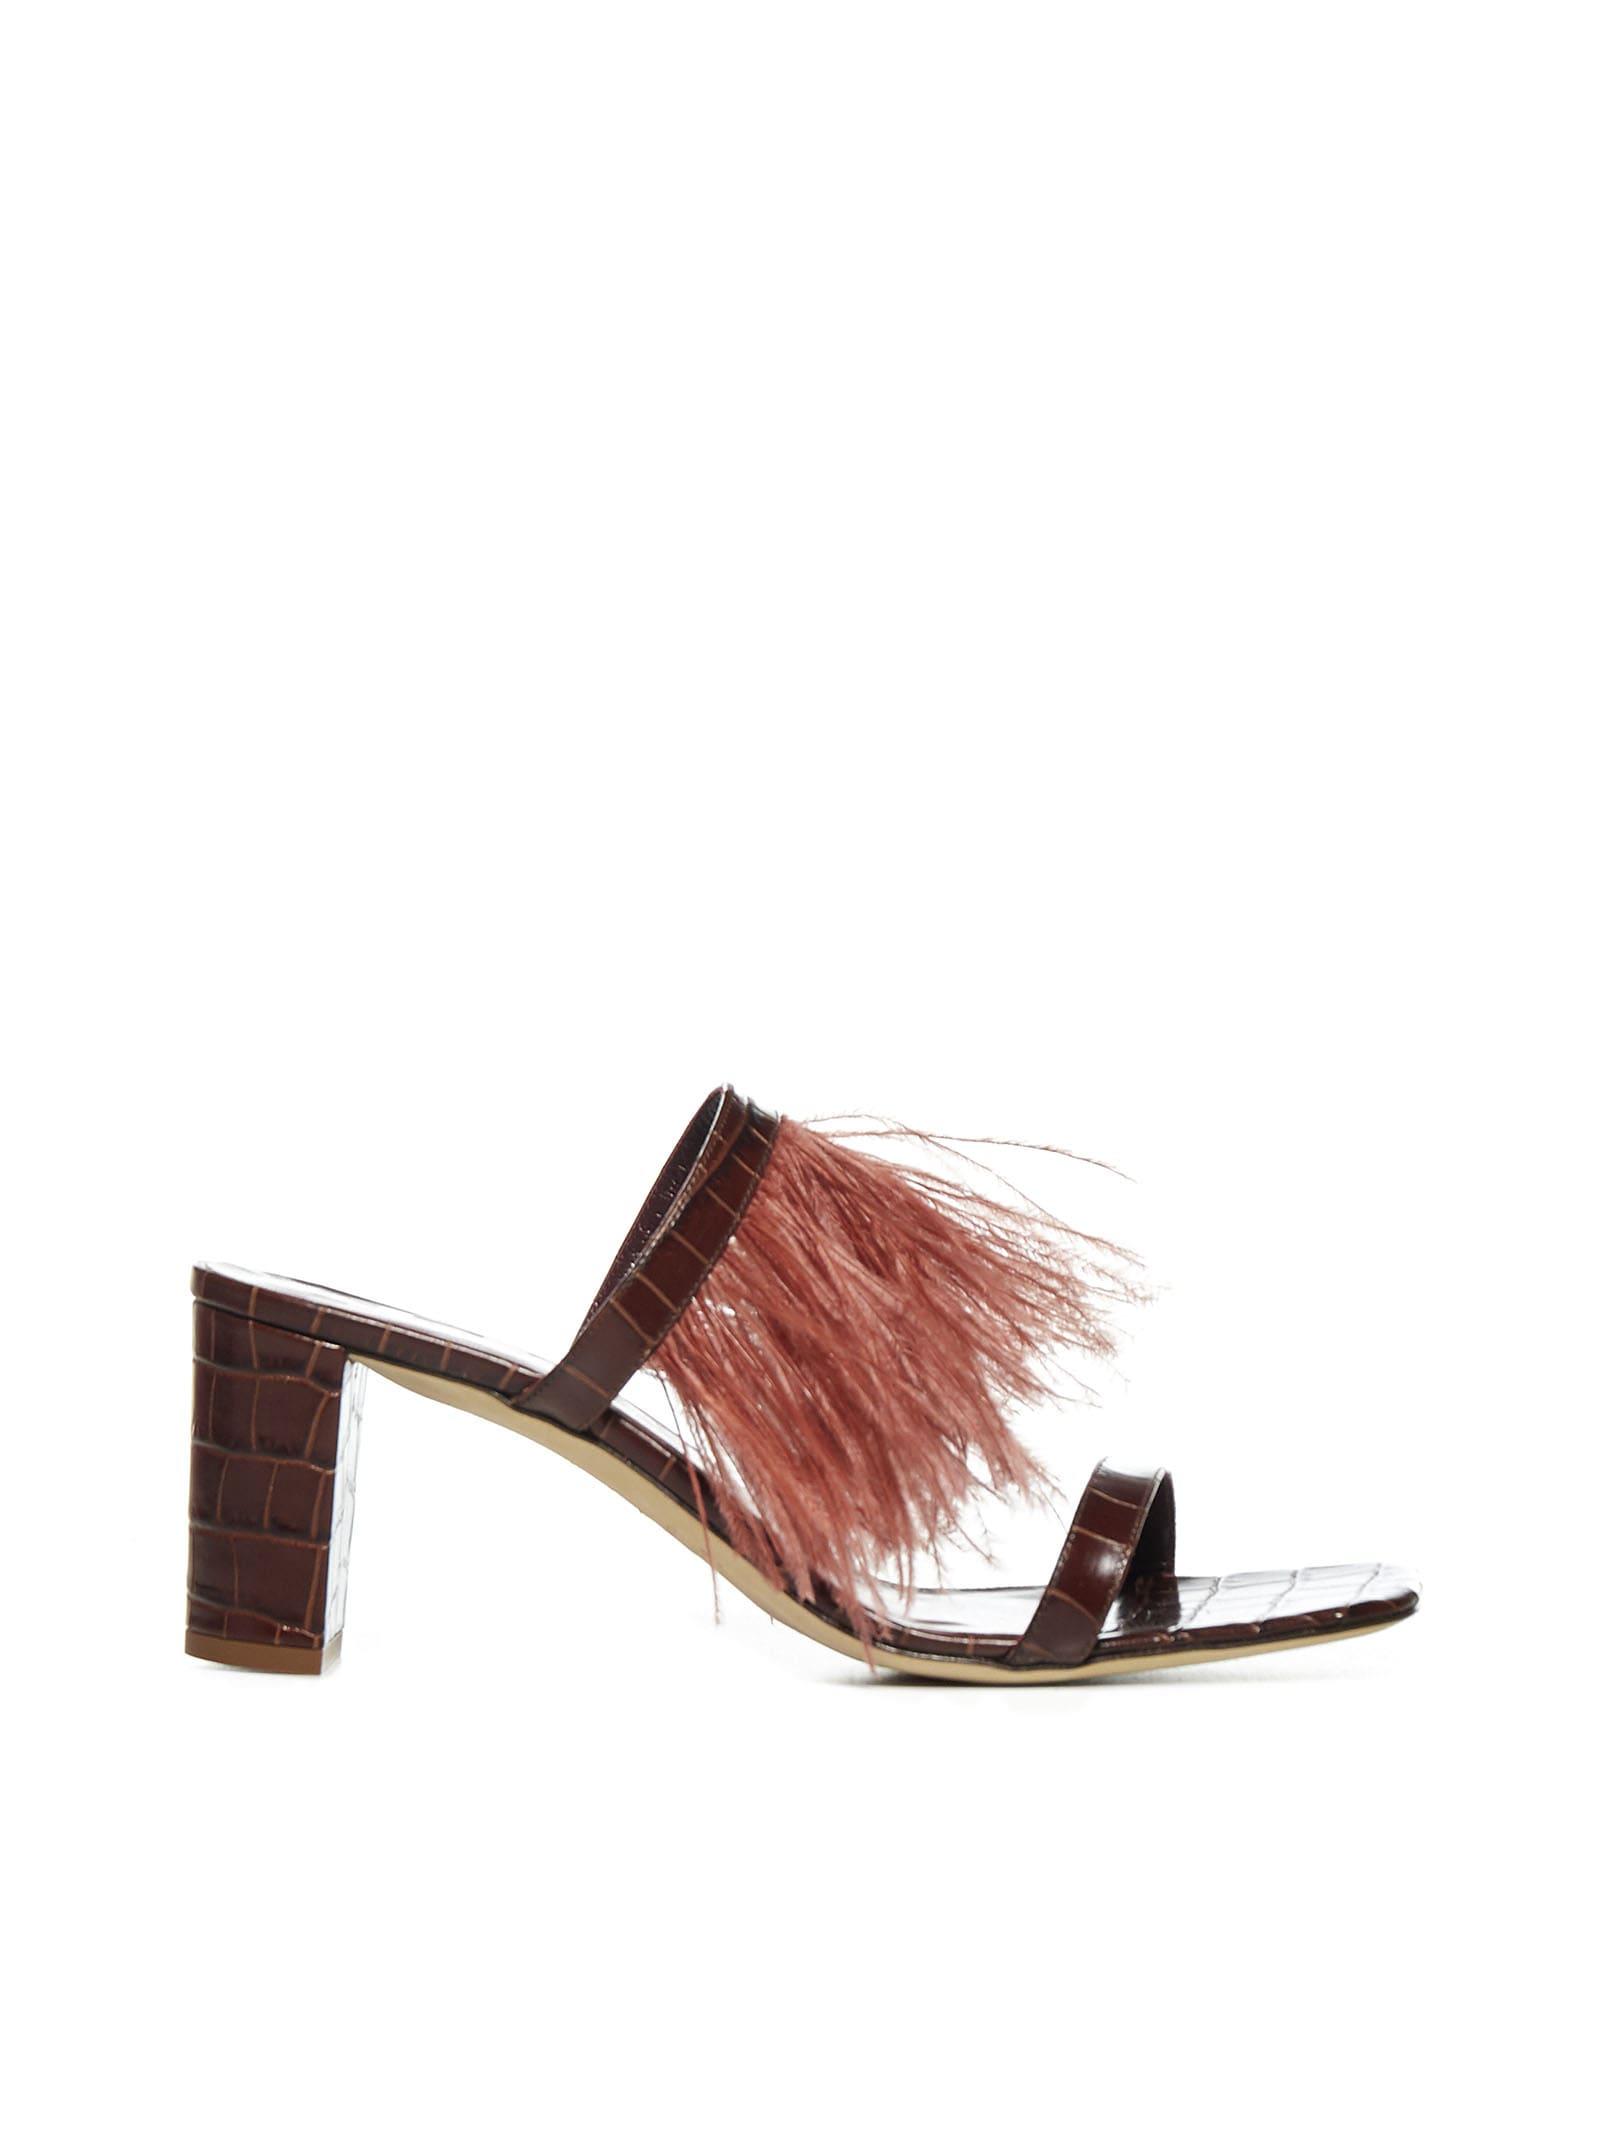 STAUD Sandals